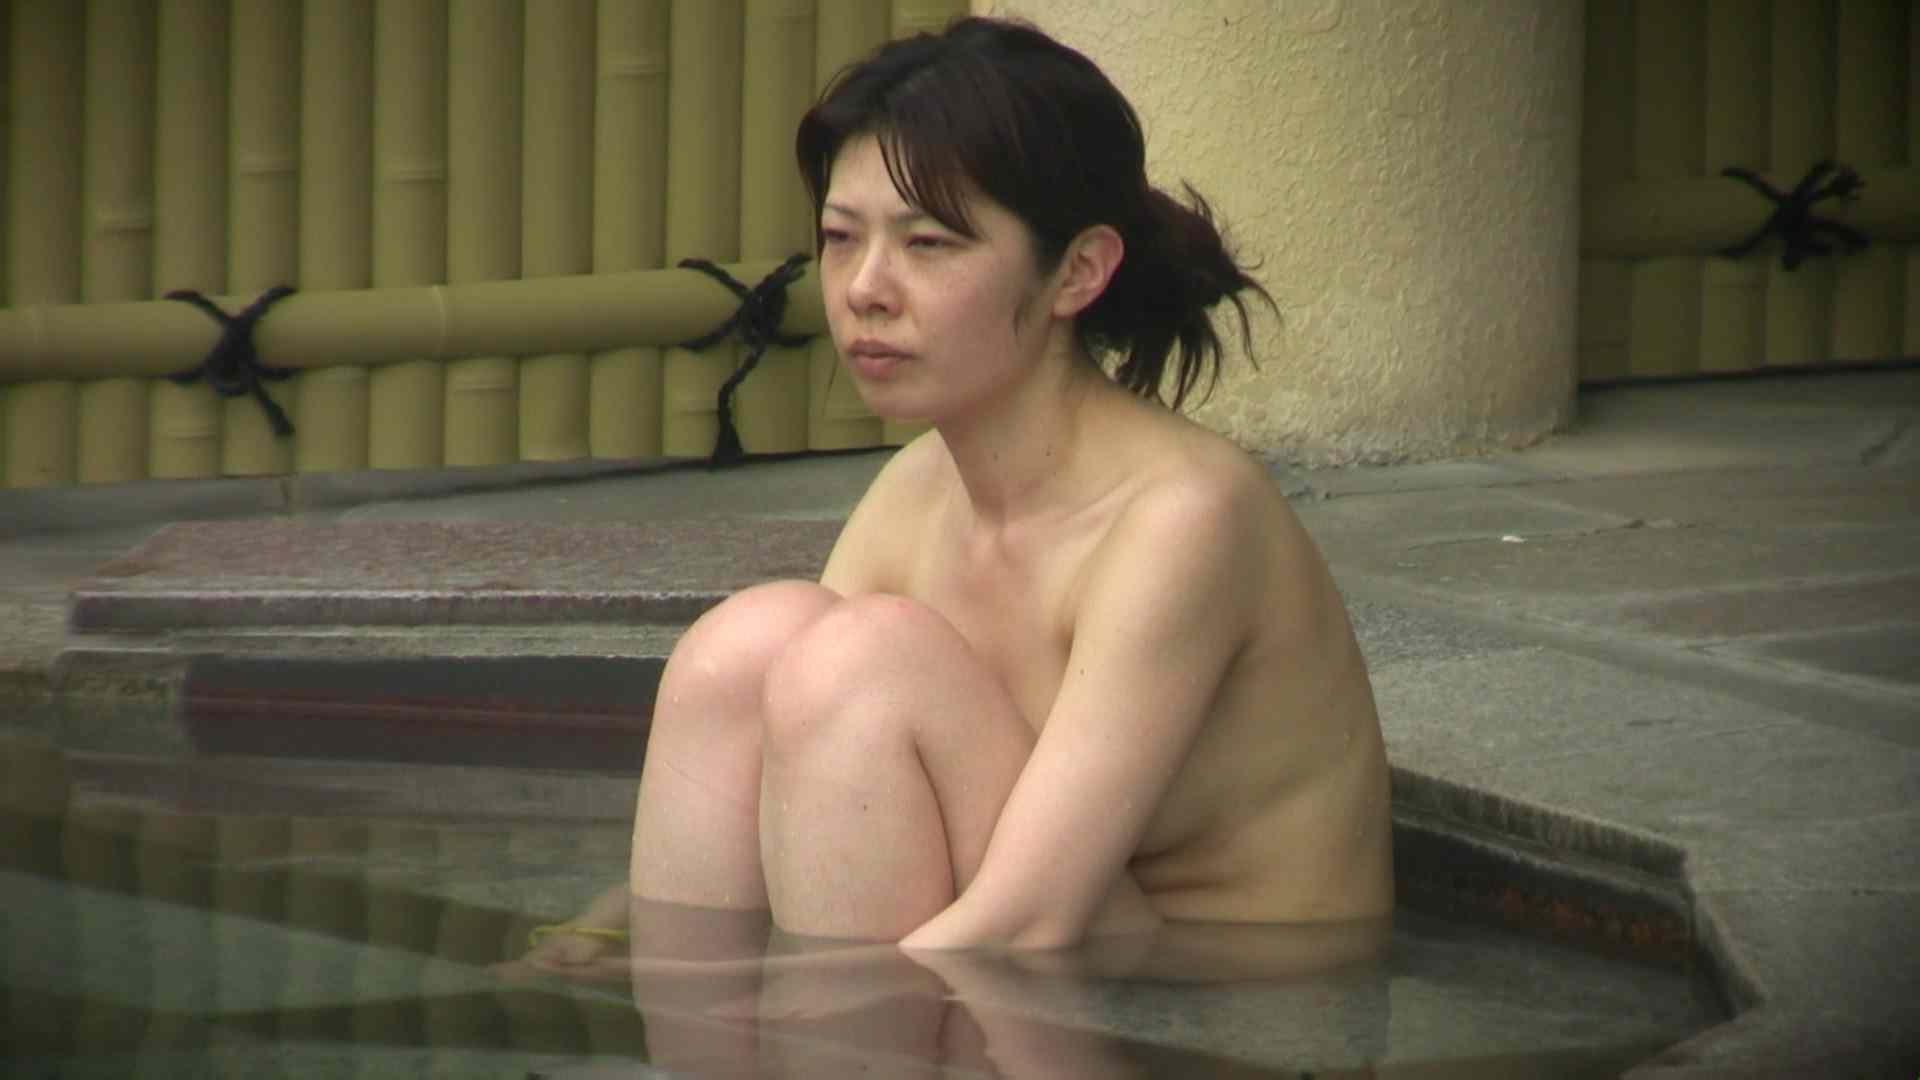 Aquaな露天風呂Vol.676 盗撮シリーズ  83PIX 36